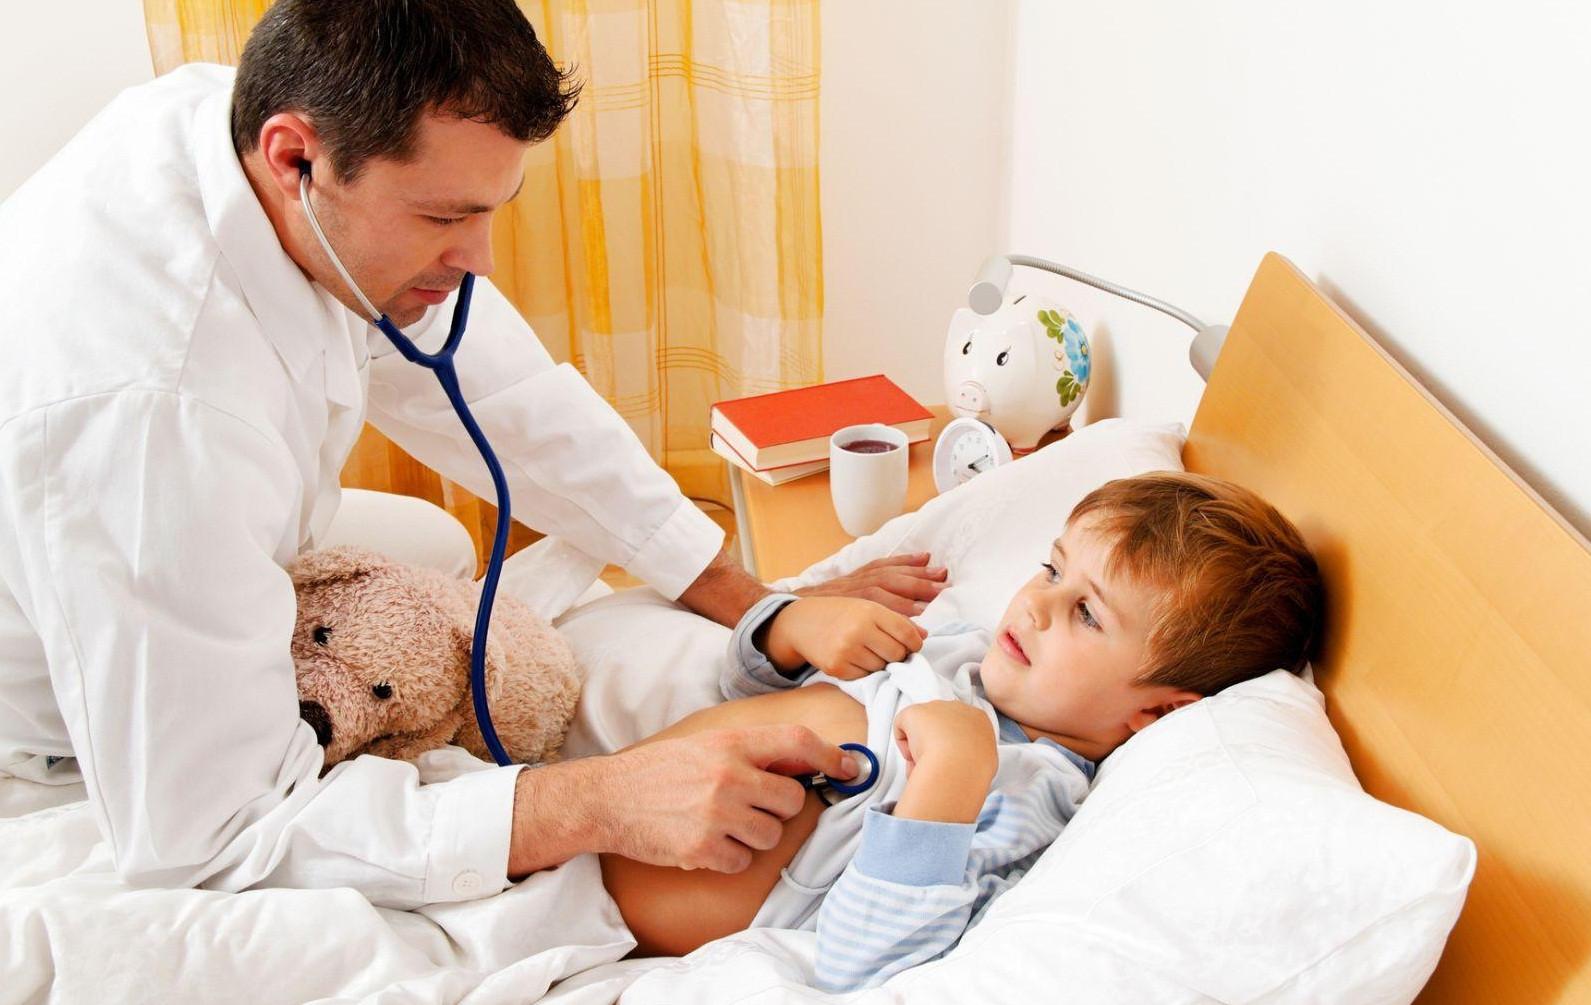 Лагерь «Седанка» Приморского края остановил  работу из-за кишечной инфекции